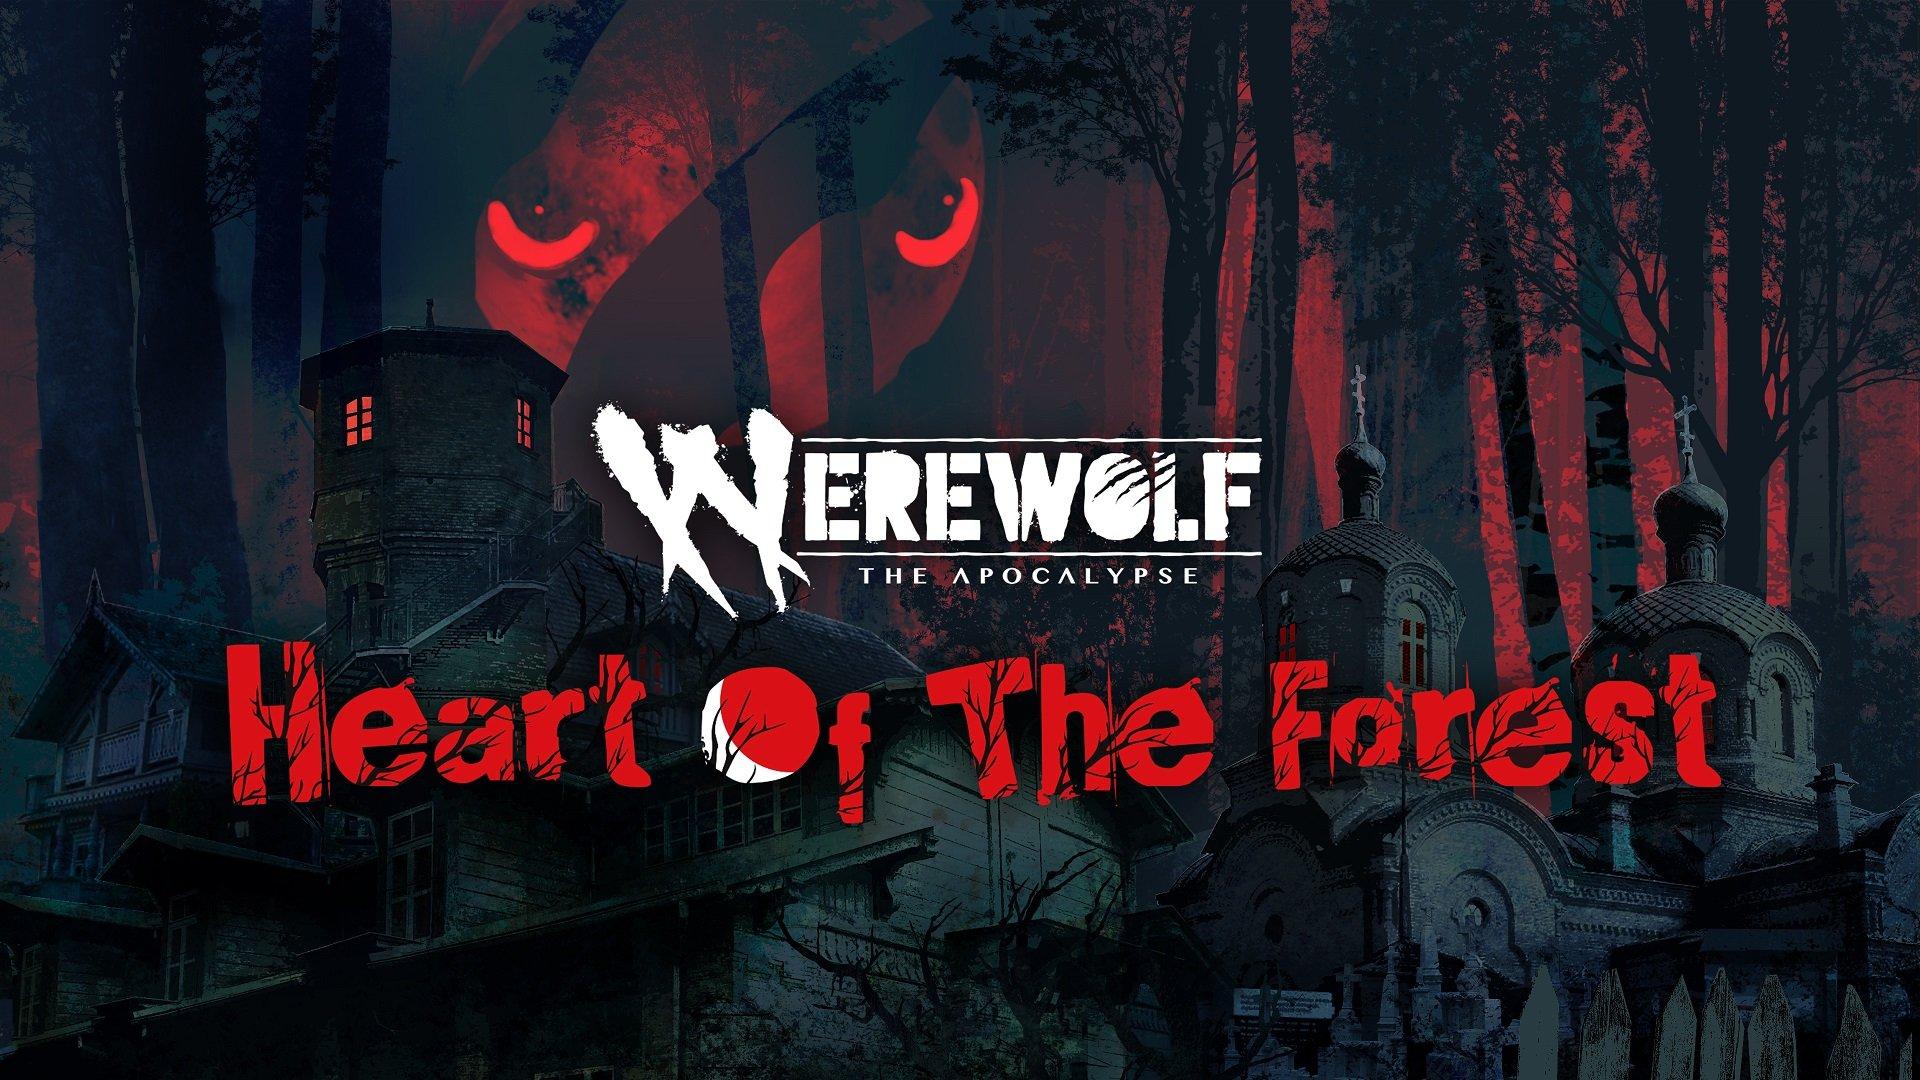 Werewolf TAHOTF